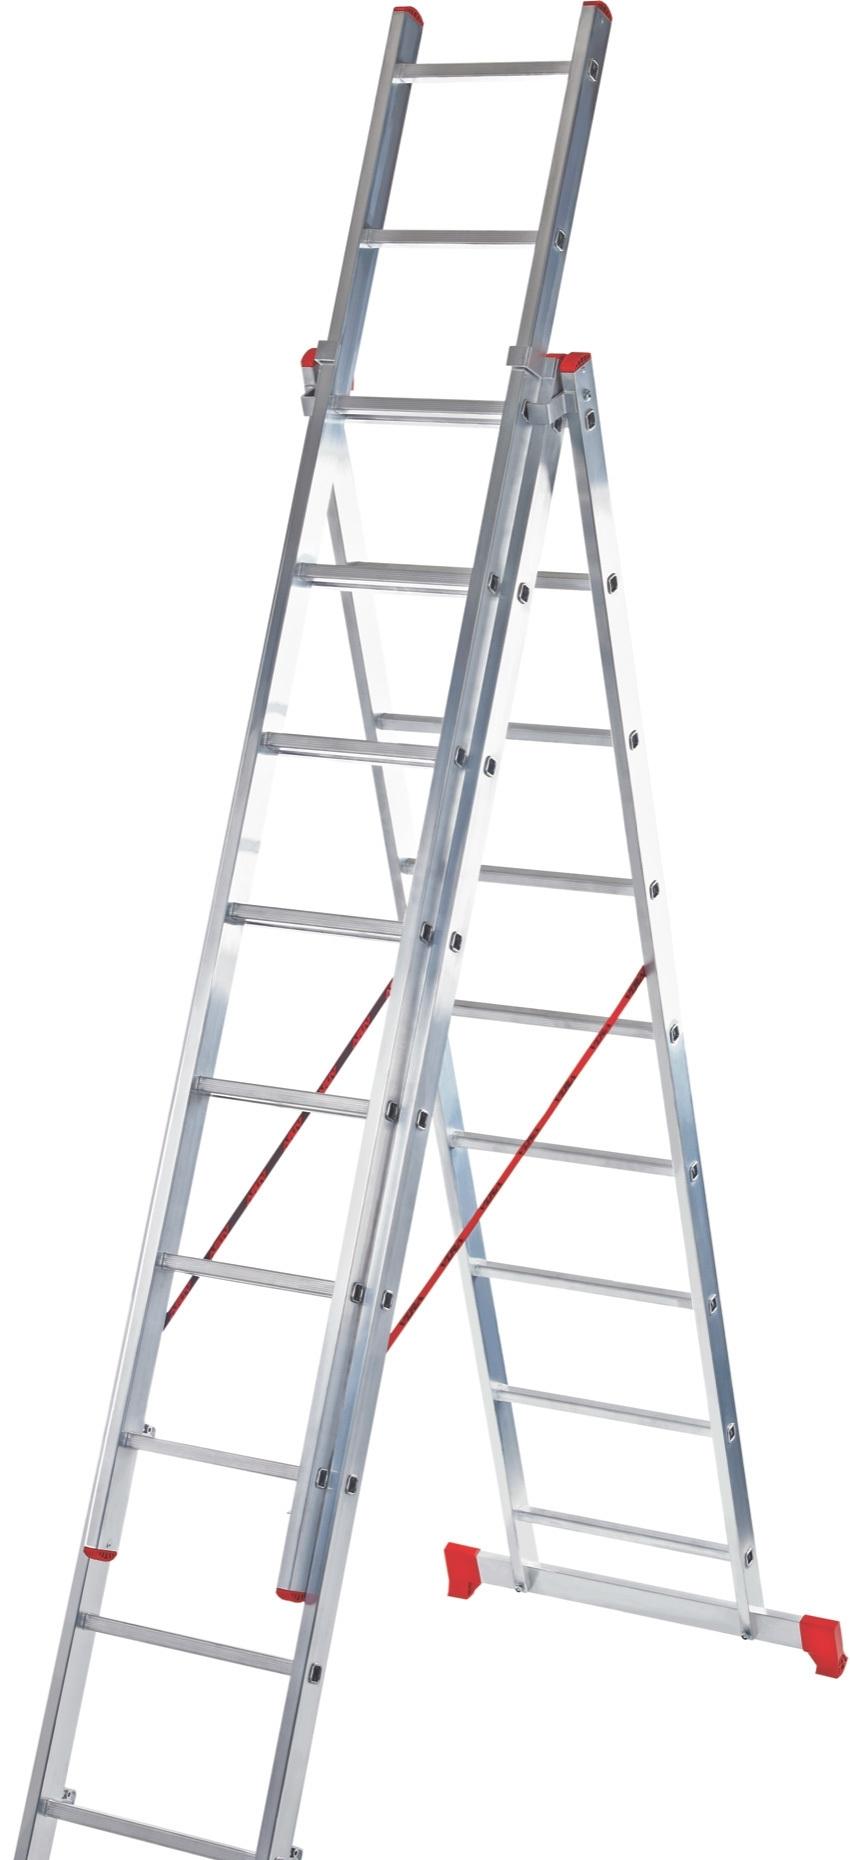 Лестница-стремянка Новая высота NV 223 алюминиевая трёхсекционная 3×8 ступеней